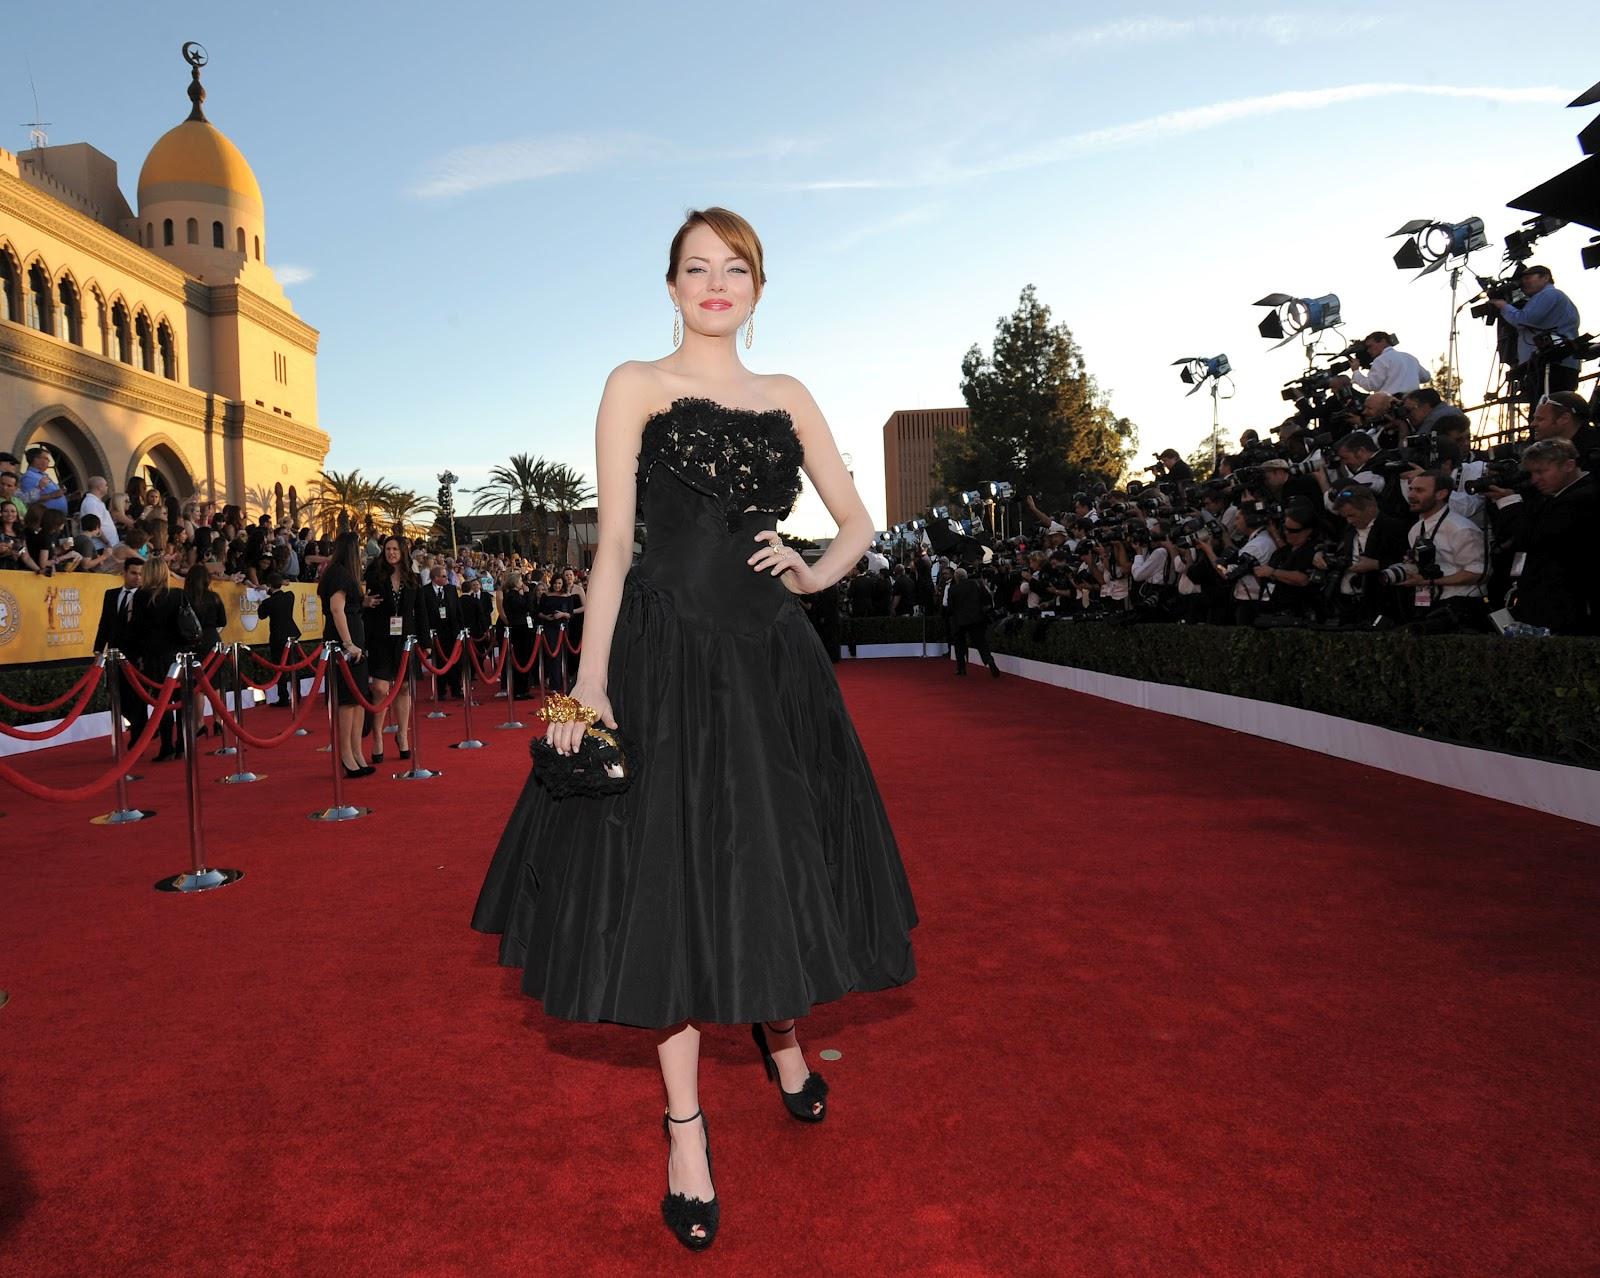 http://4.bp.blogspot.com/-jMFs-TphJY0/T_K4hXVwZDI/AAAAAAAAJt8/8uaS0RdEqzM/s1600/Emma+Stone+black+dress+red+carpet+Spider-Man+fashion.jpg